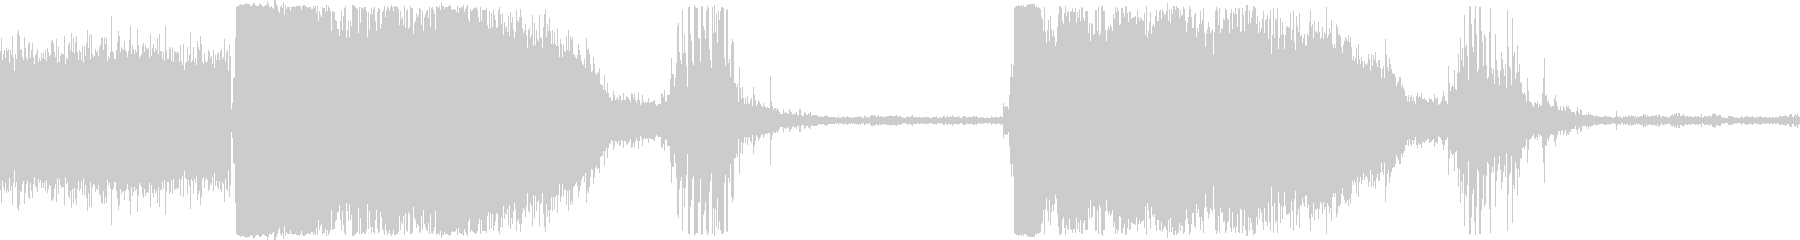 トイレットフラッシュボウルグルグルの未再生の波形